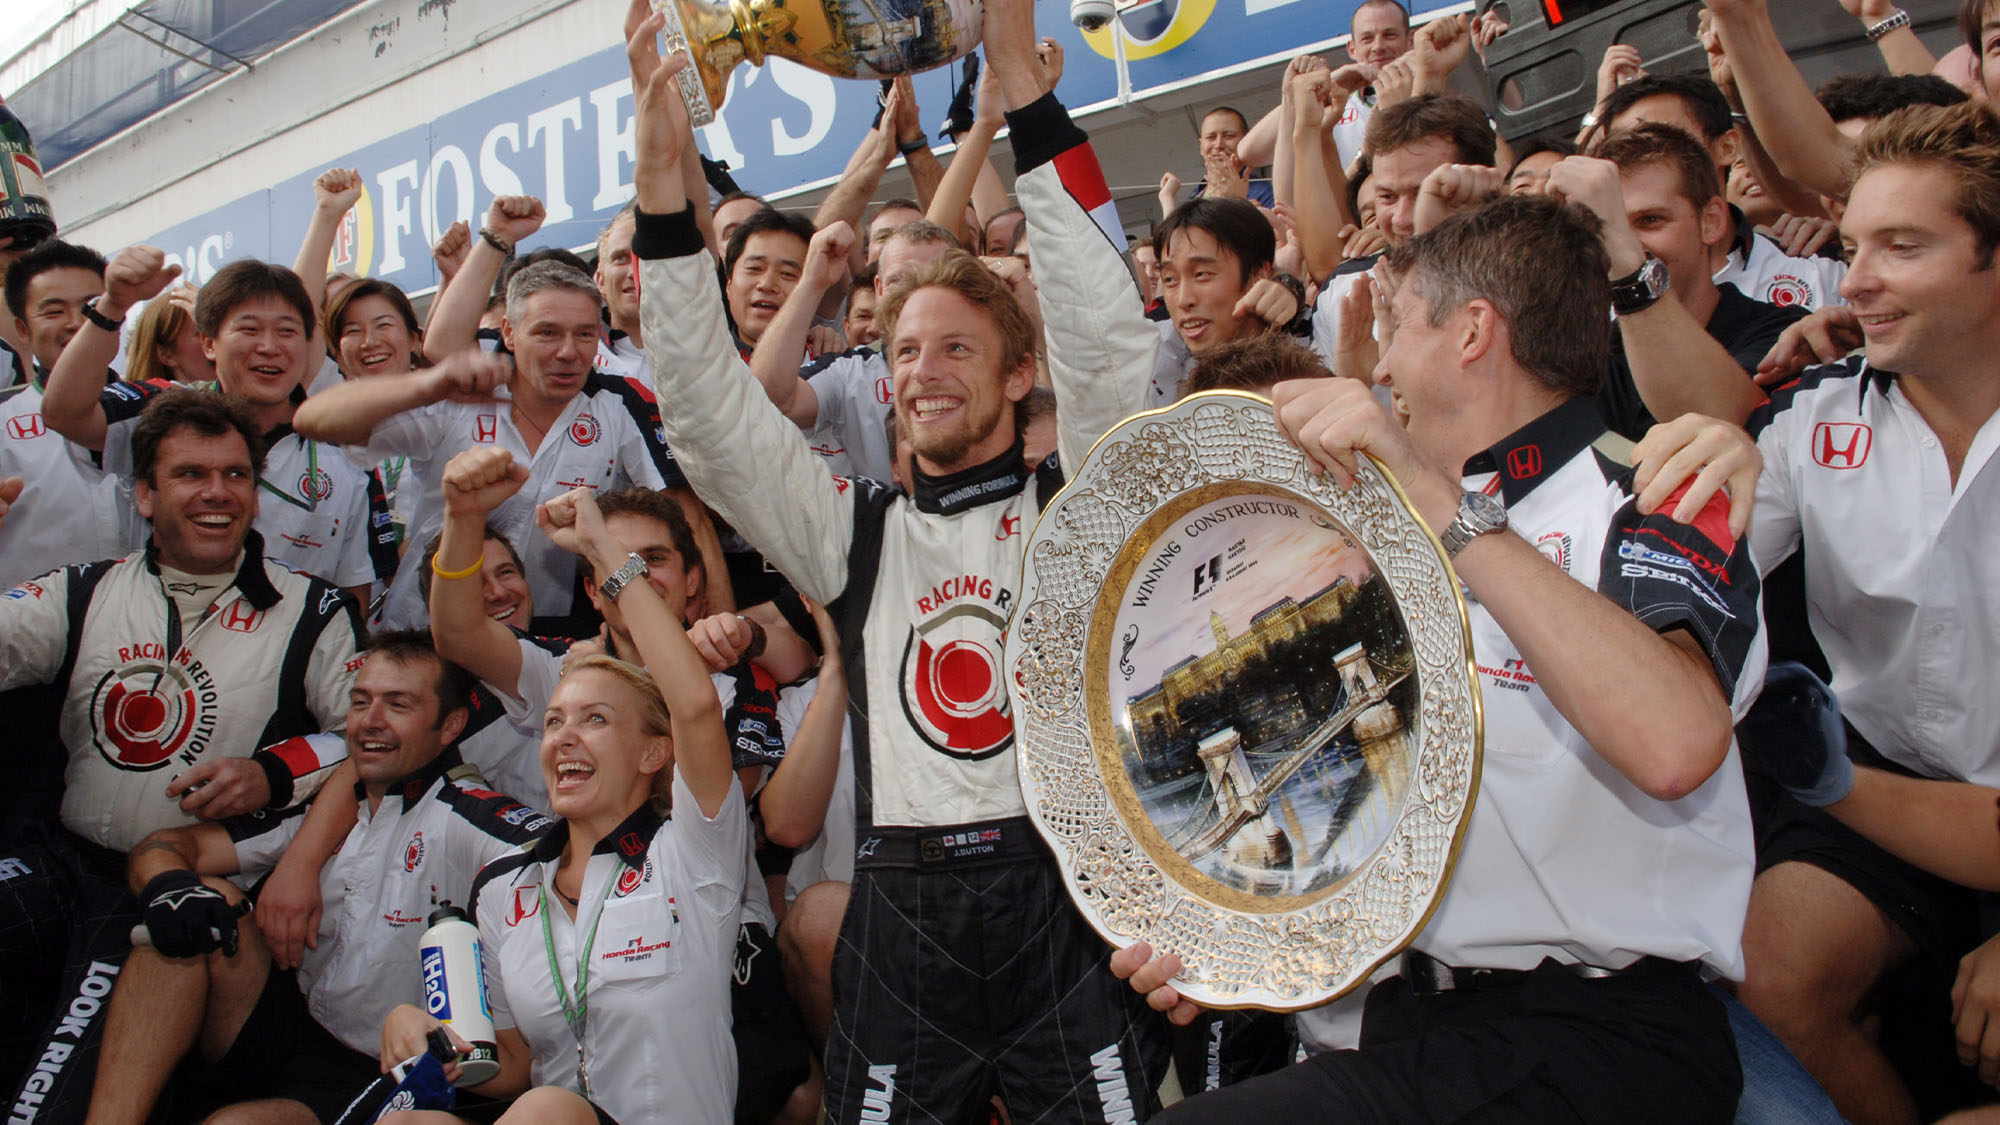 Jenson trophy